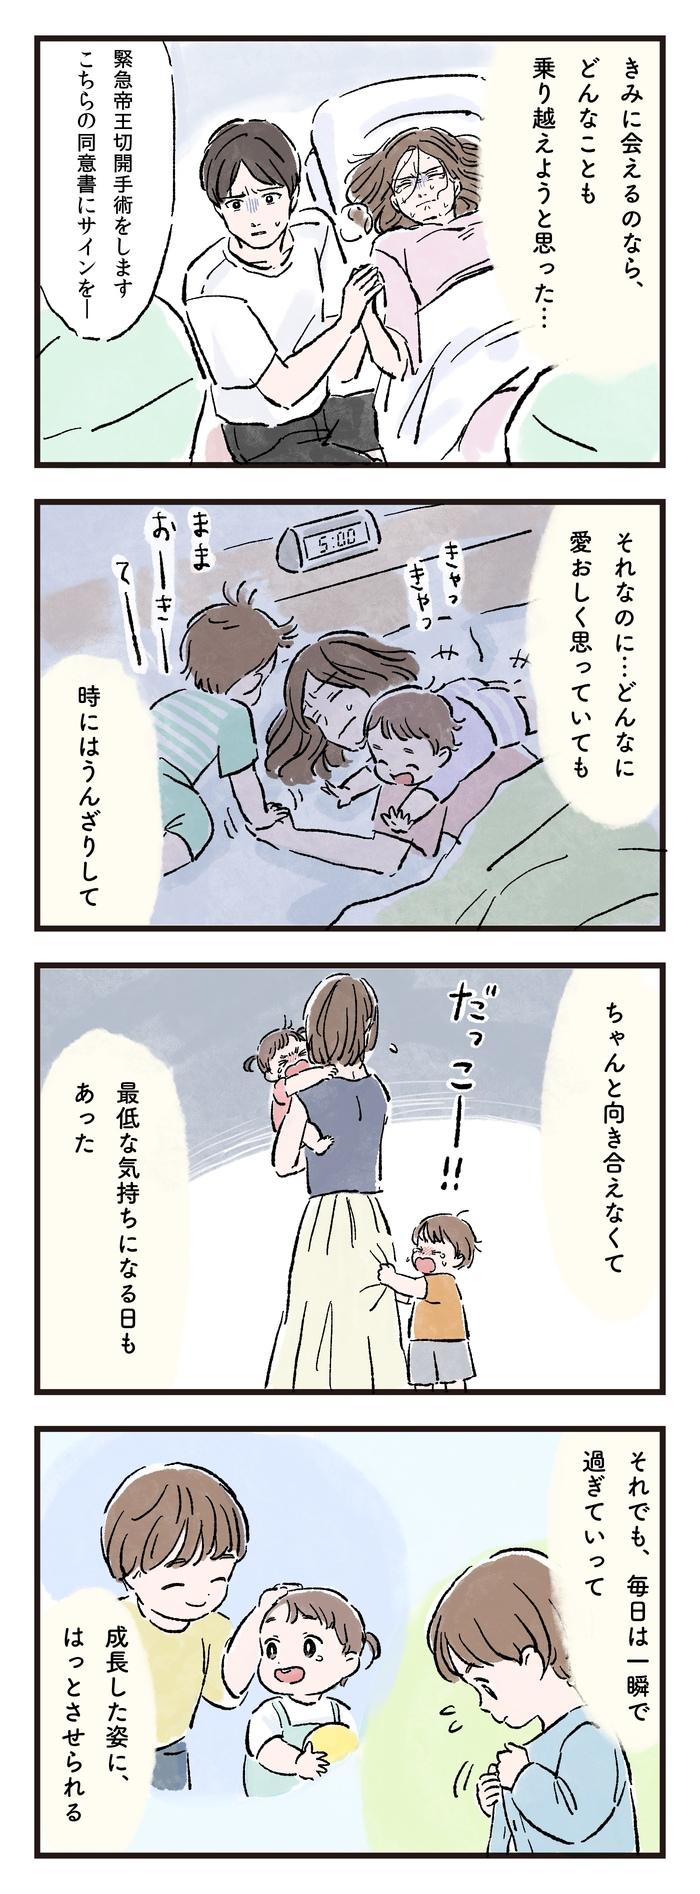 「やさしさを、いつもきみのそばに」ママもJoanも想いは同じの画像7